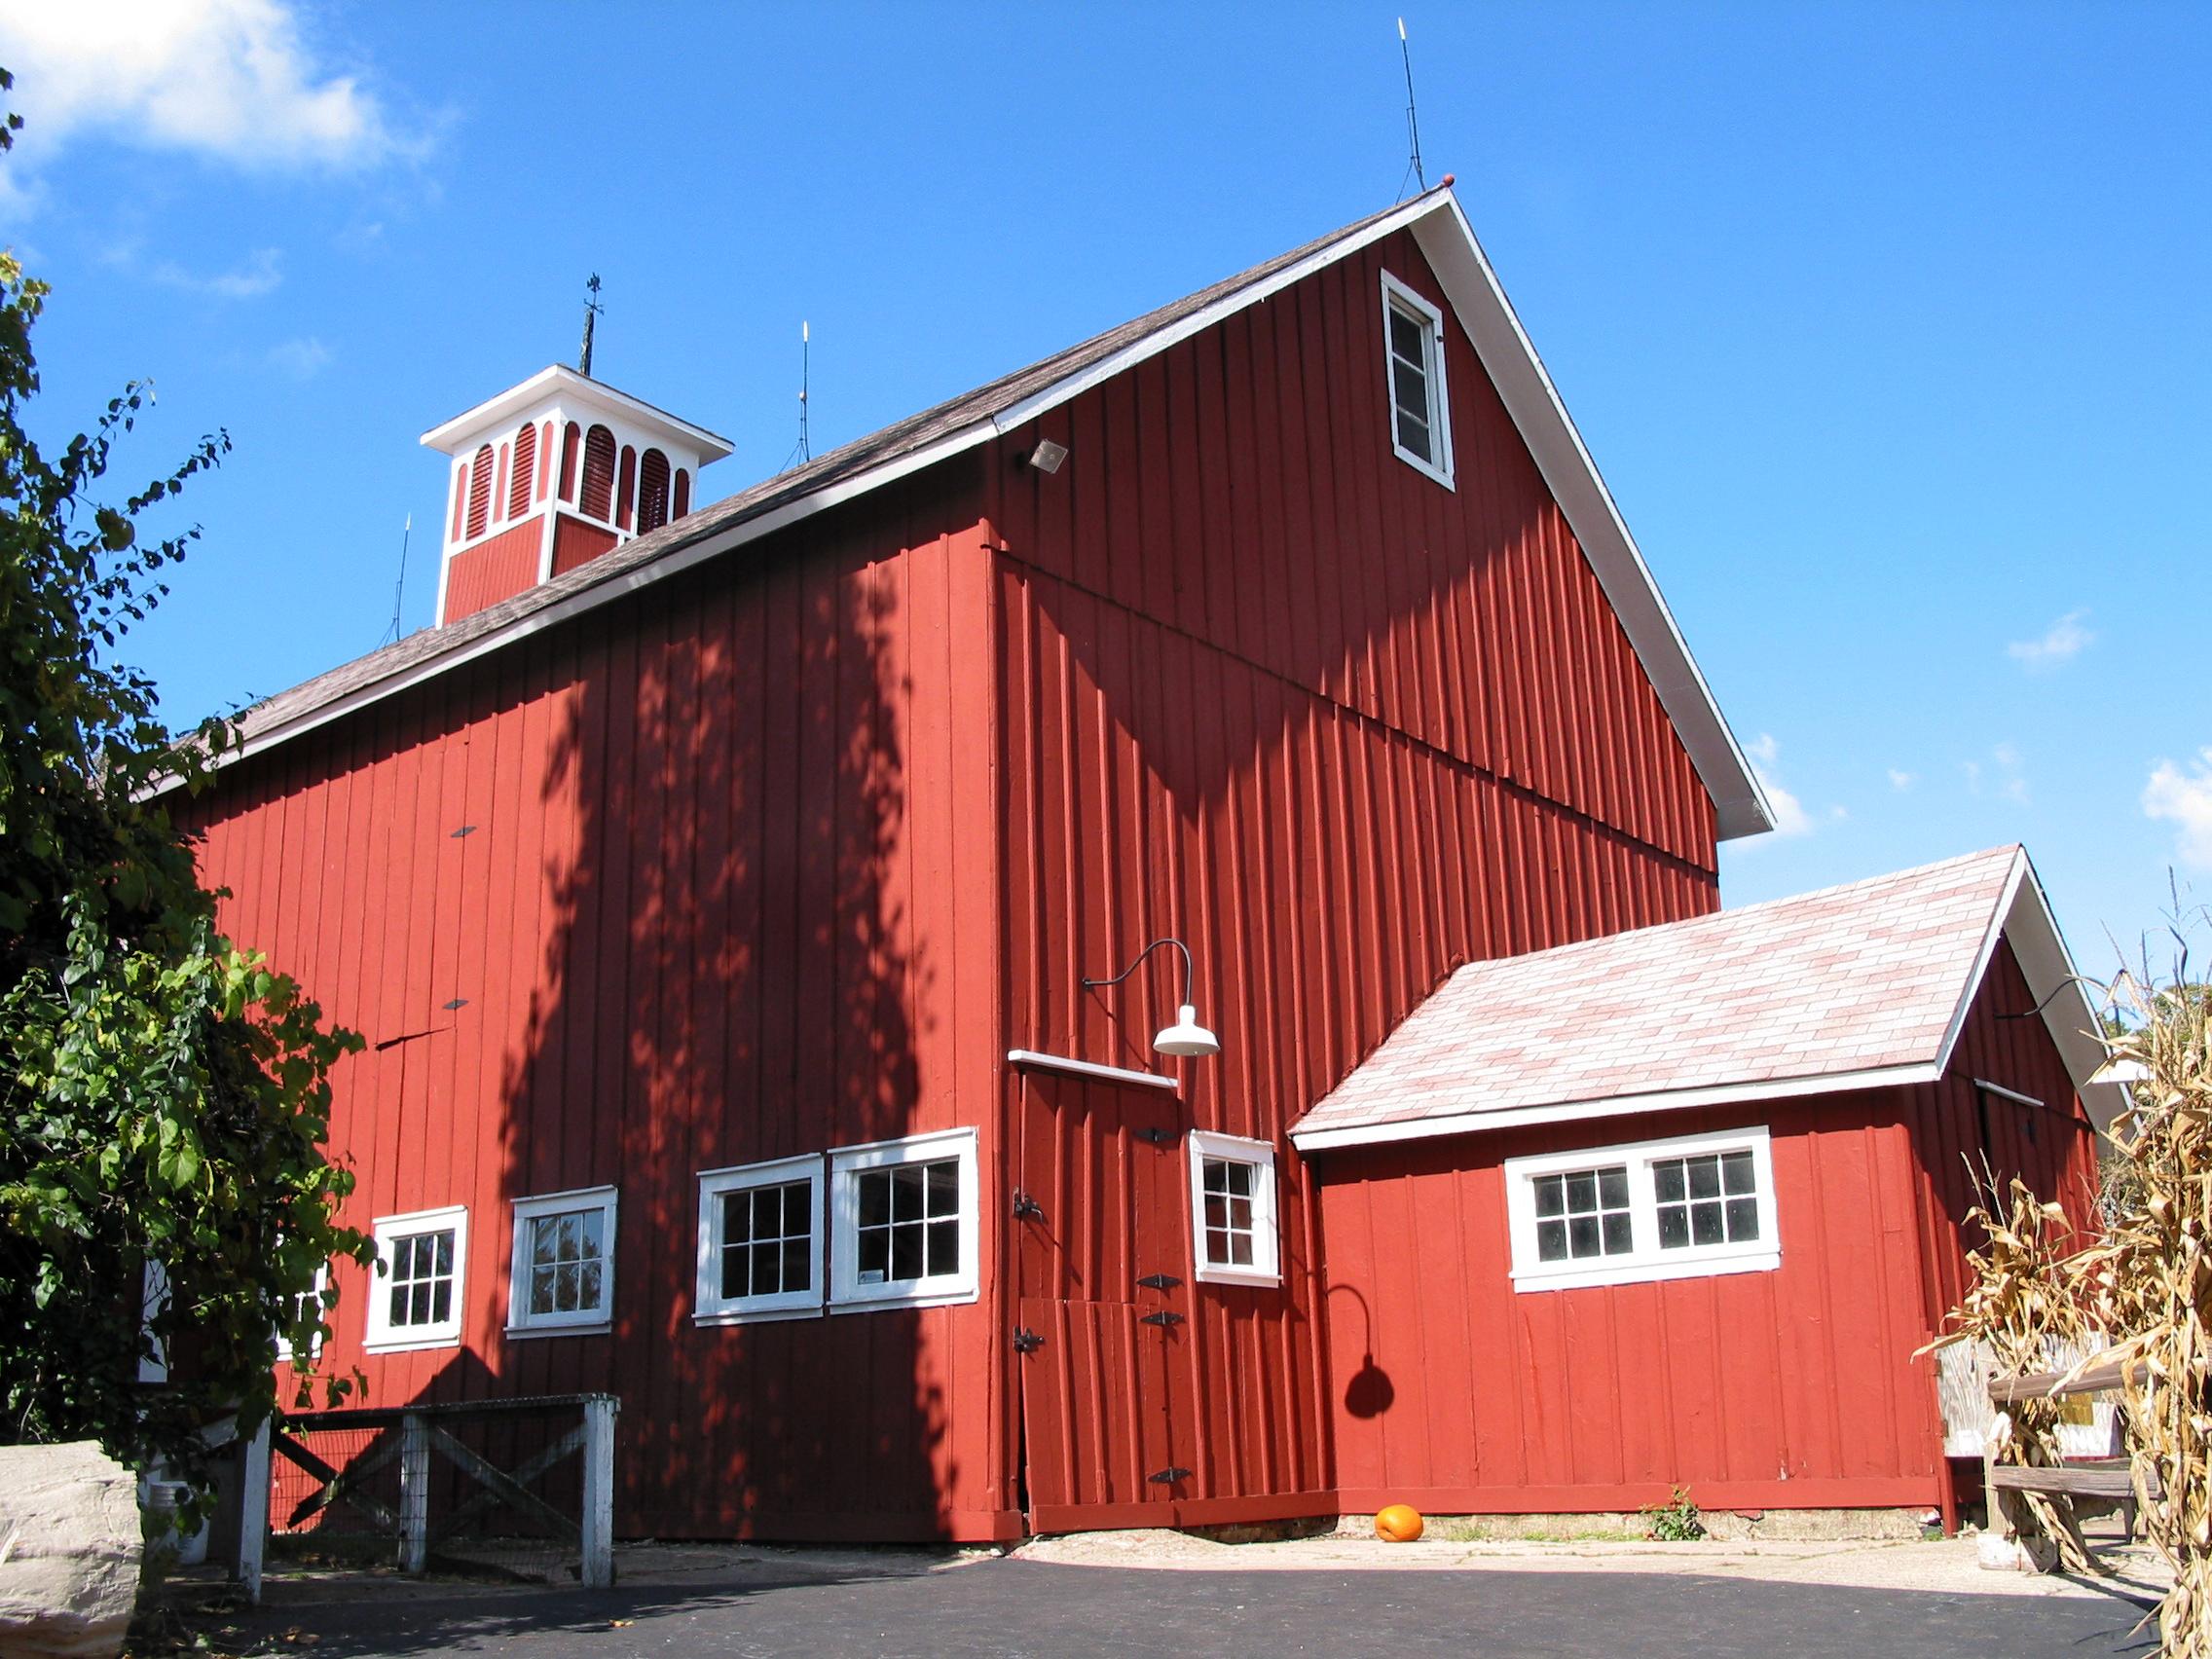 Architecture Photo Red Farmhouse